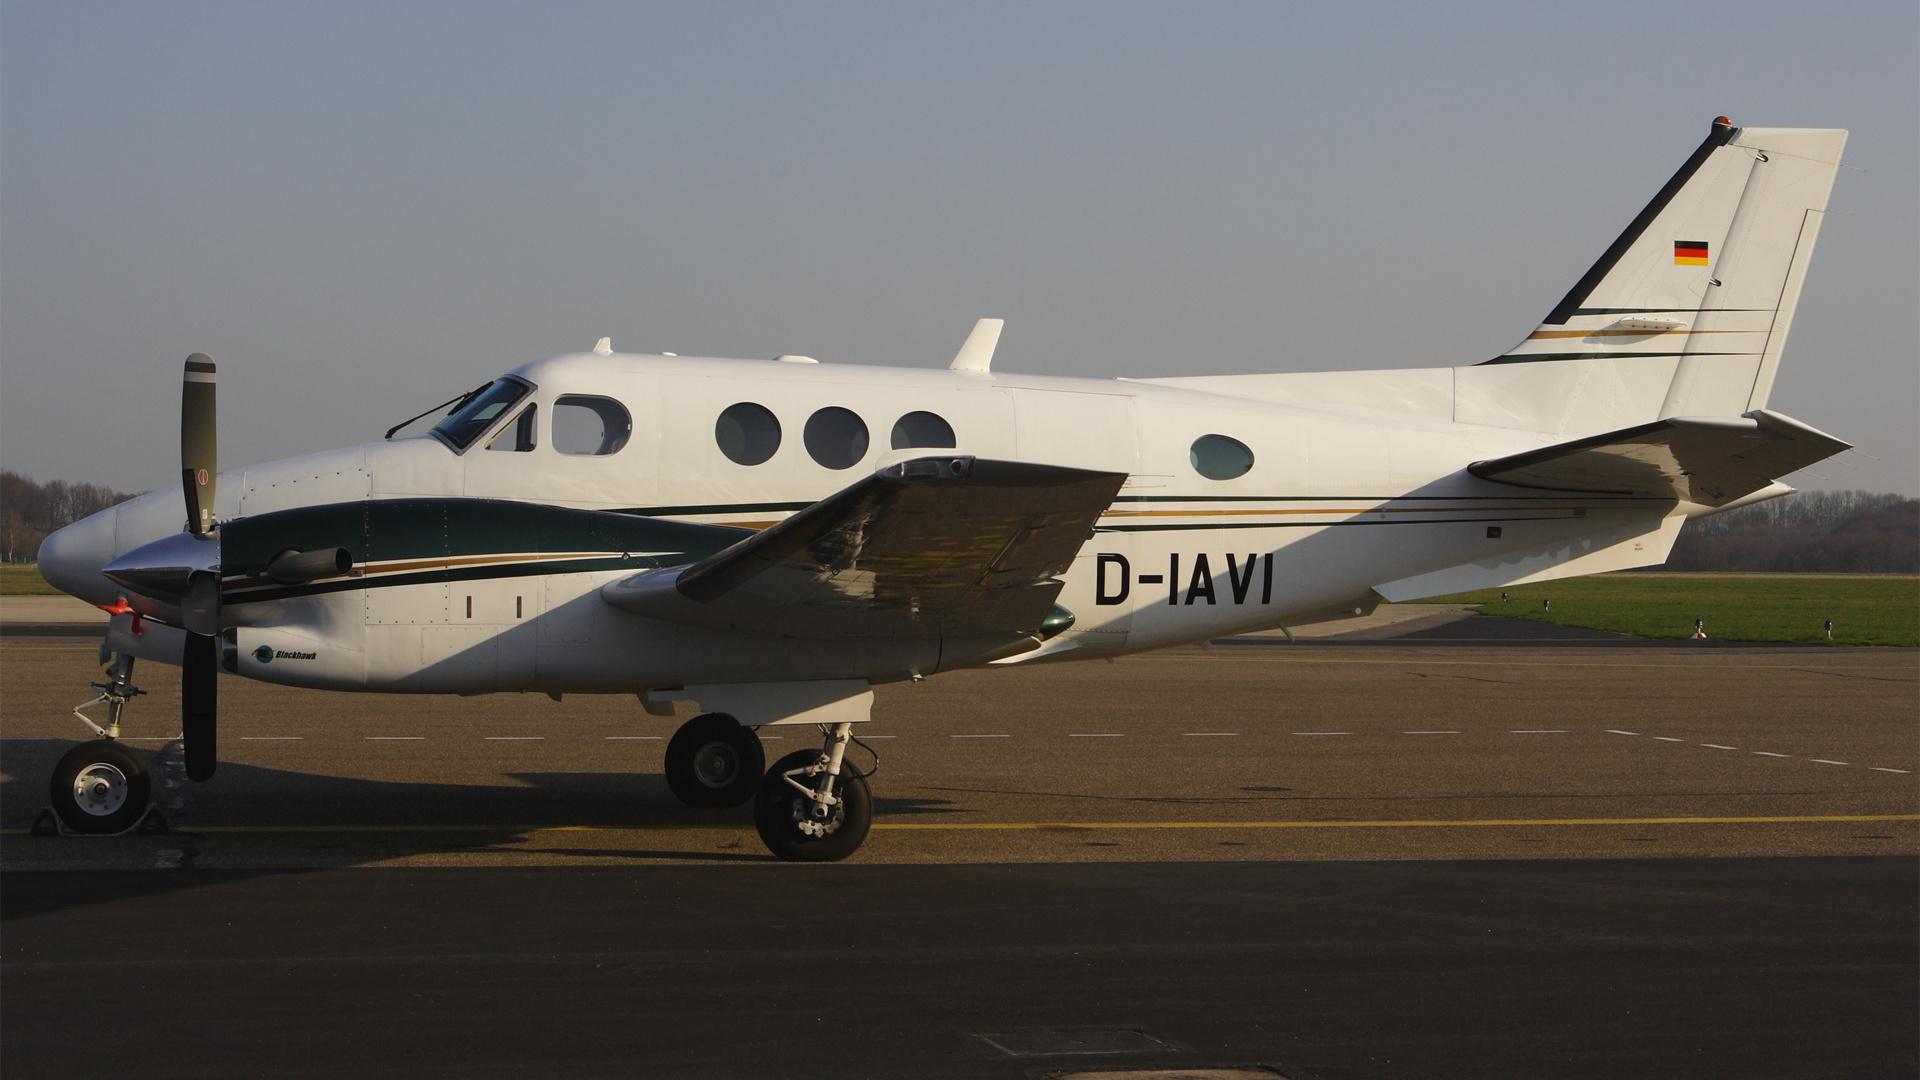 D-IAVI-1 B90 ESS 200904